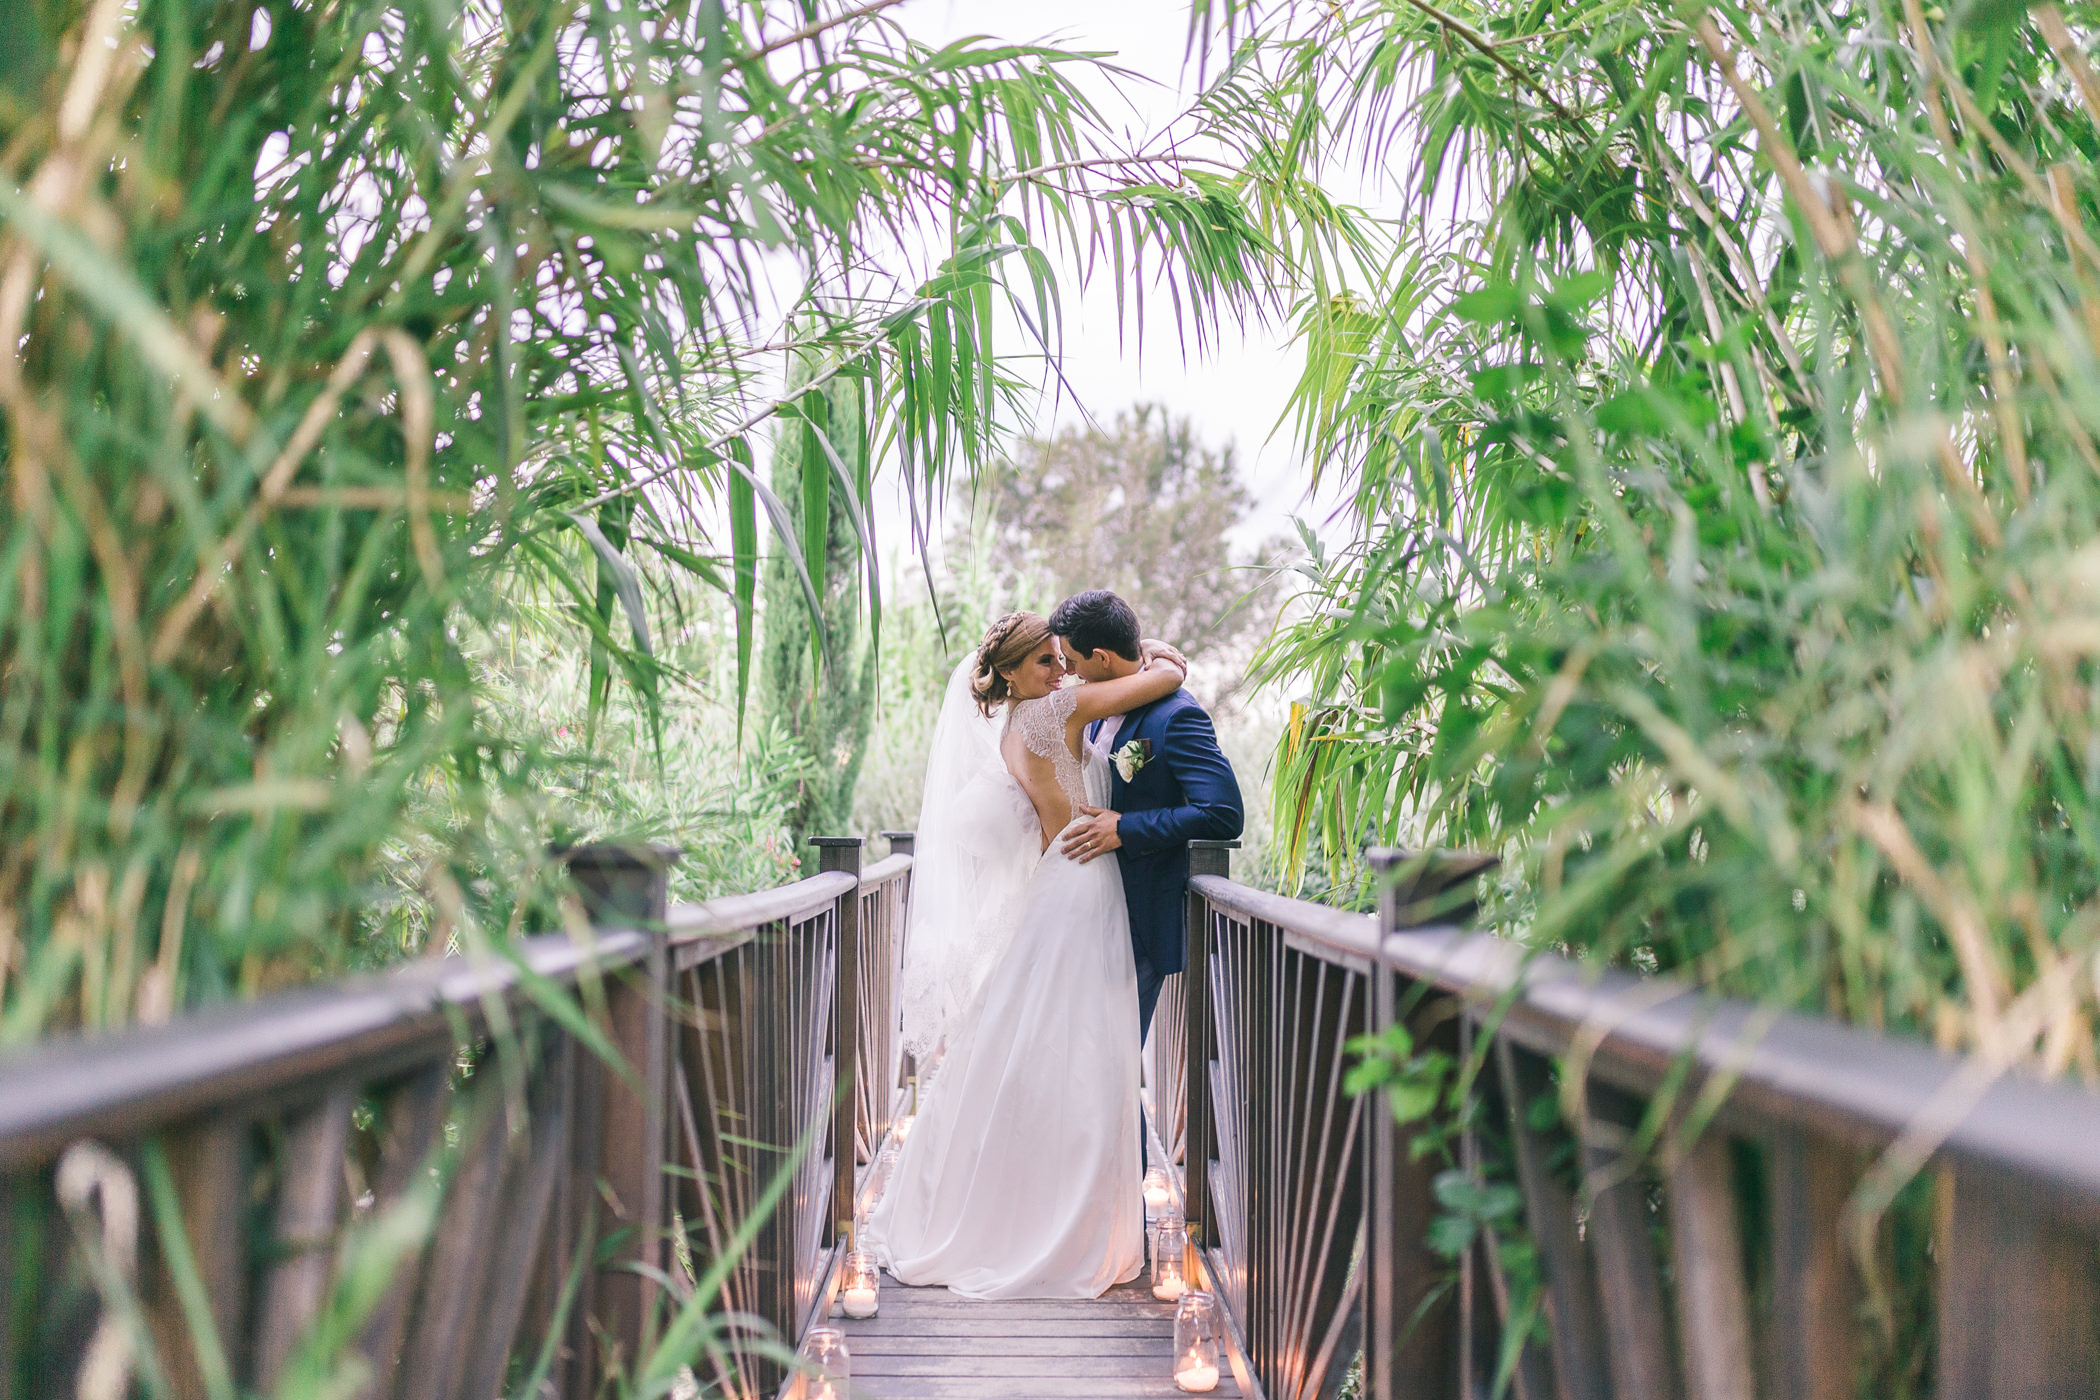 Charlotte & Laurent - Un mariage à Arles | SJ Studio Sébastien Cabanes | Blog mariage La Mariée Sous Les Etoiles